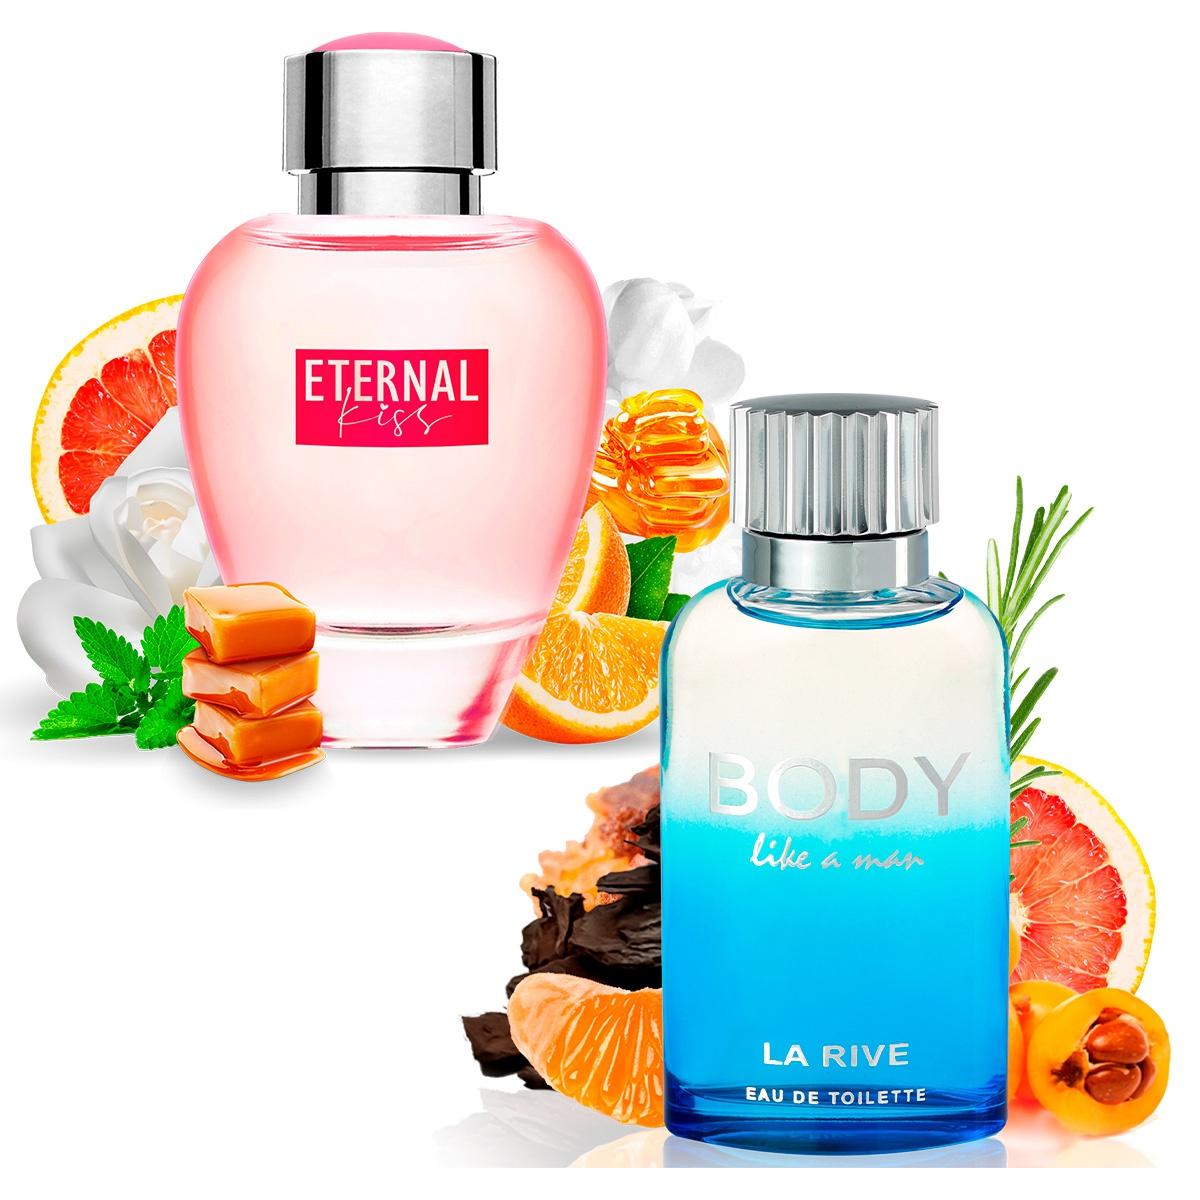 Kit 2 Perfumes, Eternal Kiss e Body Like a Man La Rive